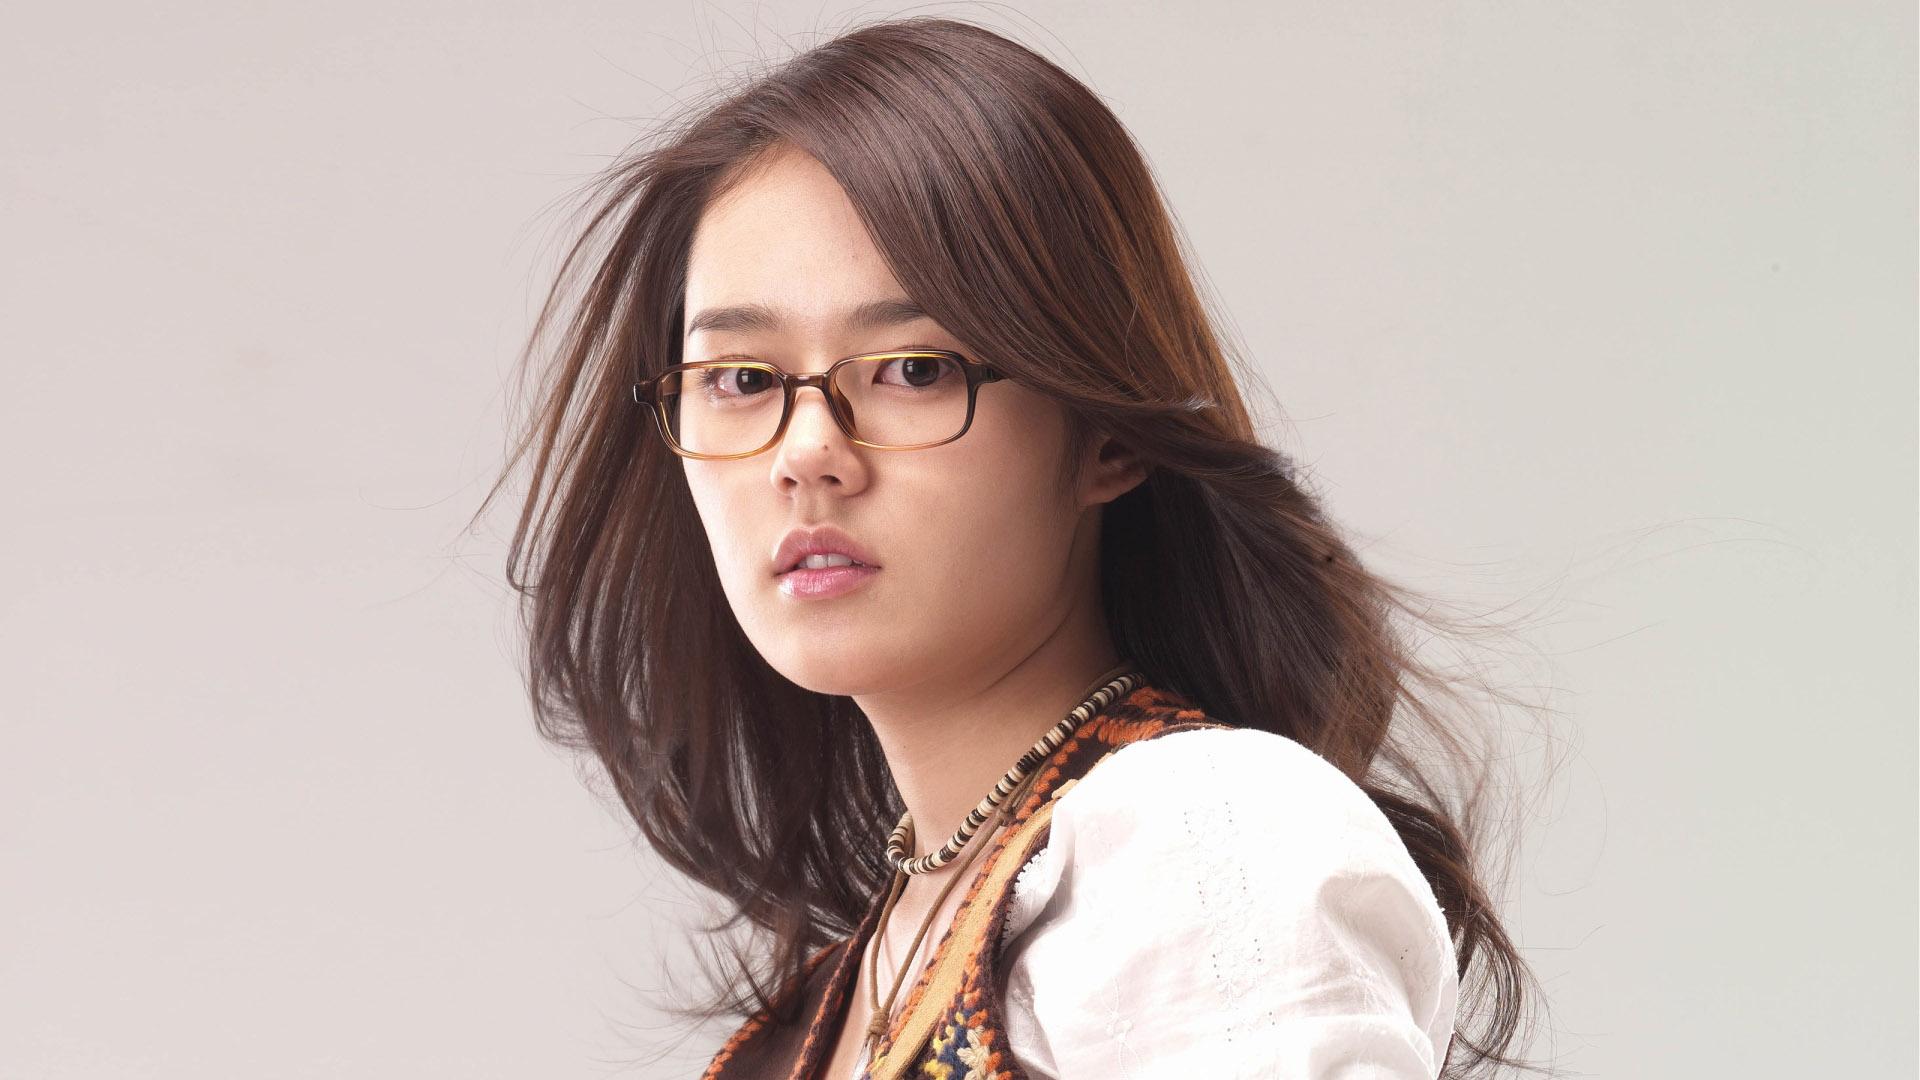 Free download Korean Beautiful Girls wallpaper 254930